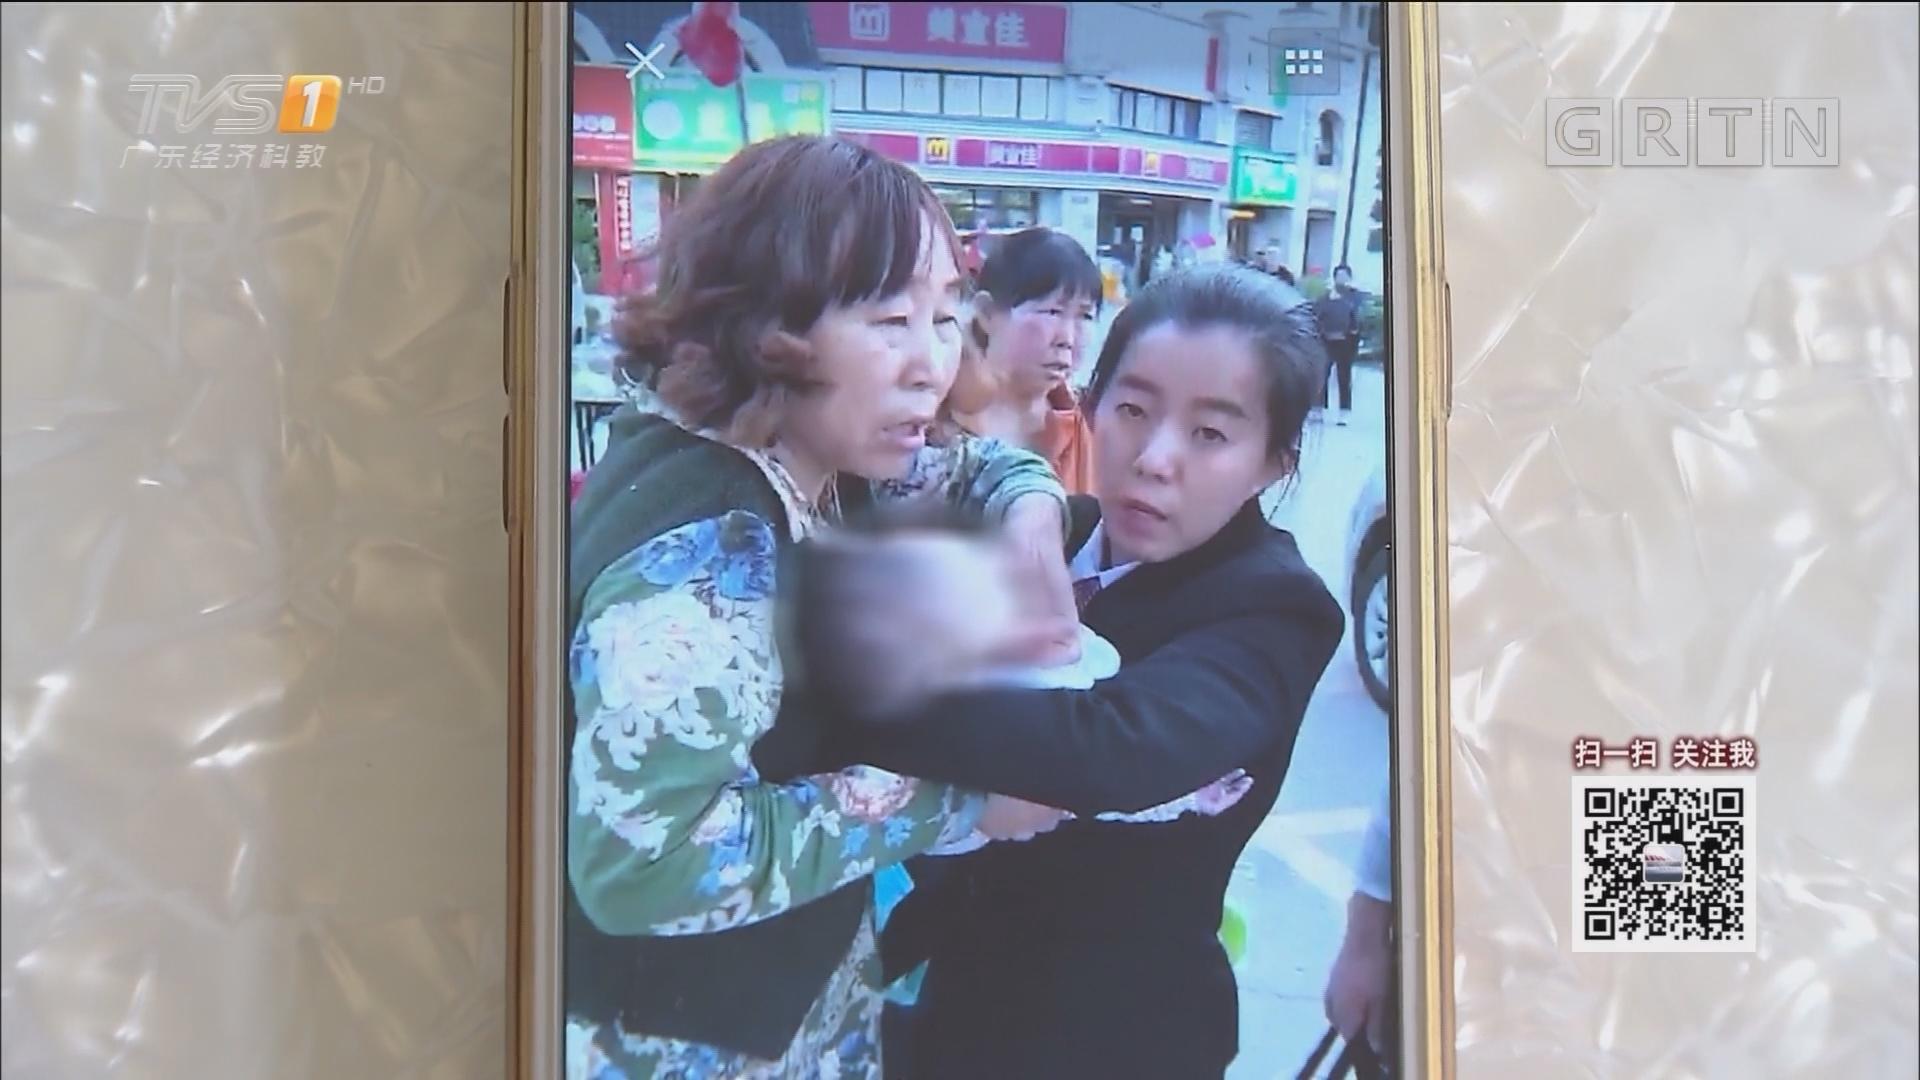 追踪:东莞天降苹果重伤女婴 警方发布调查结果